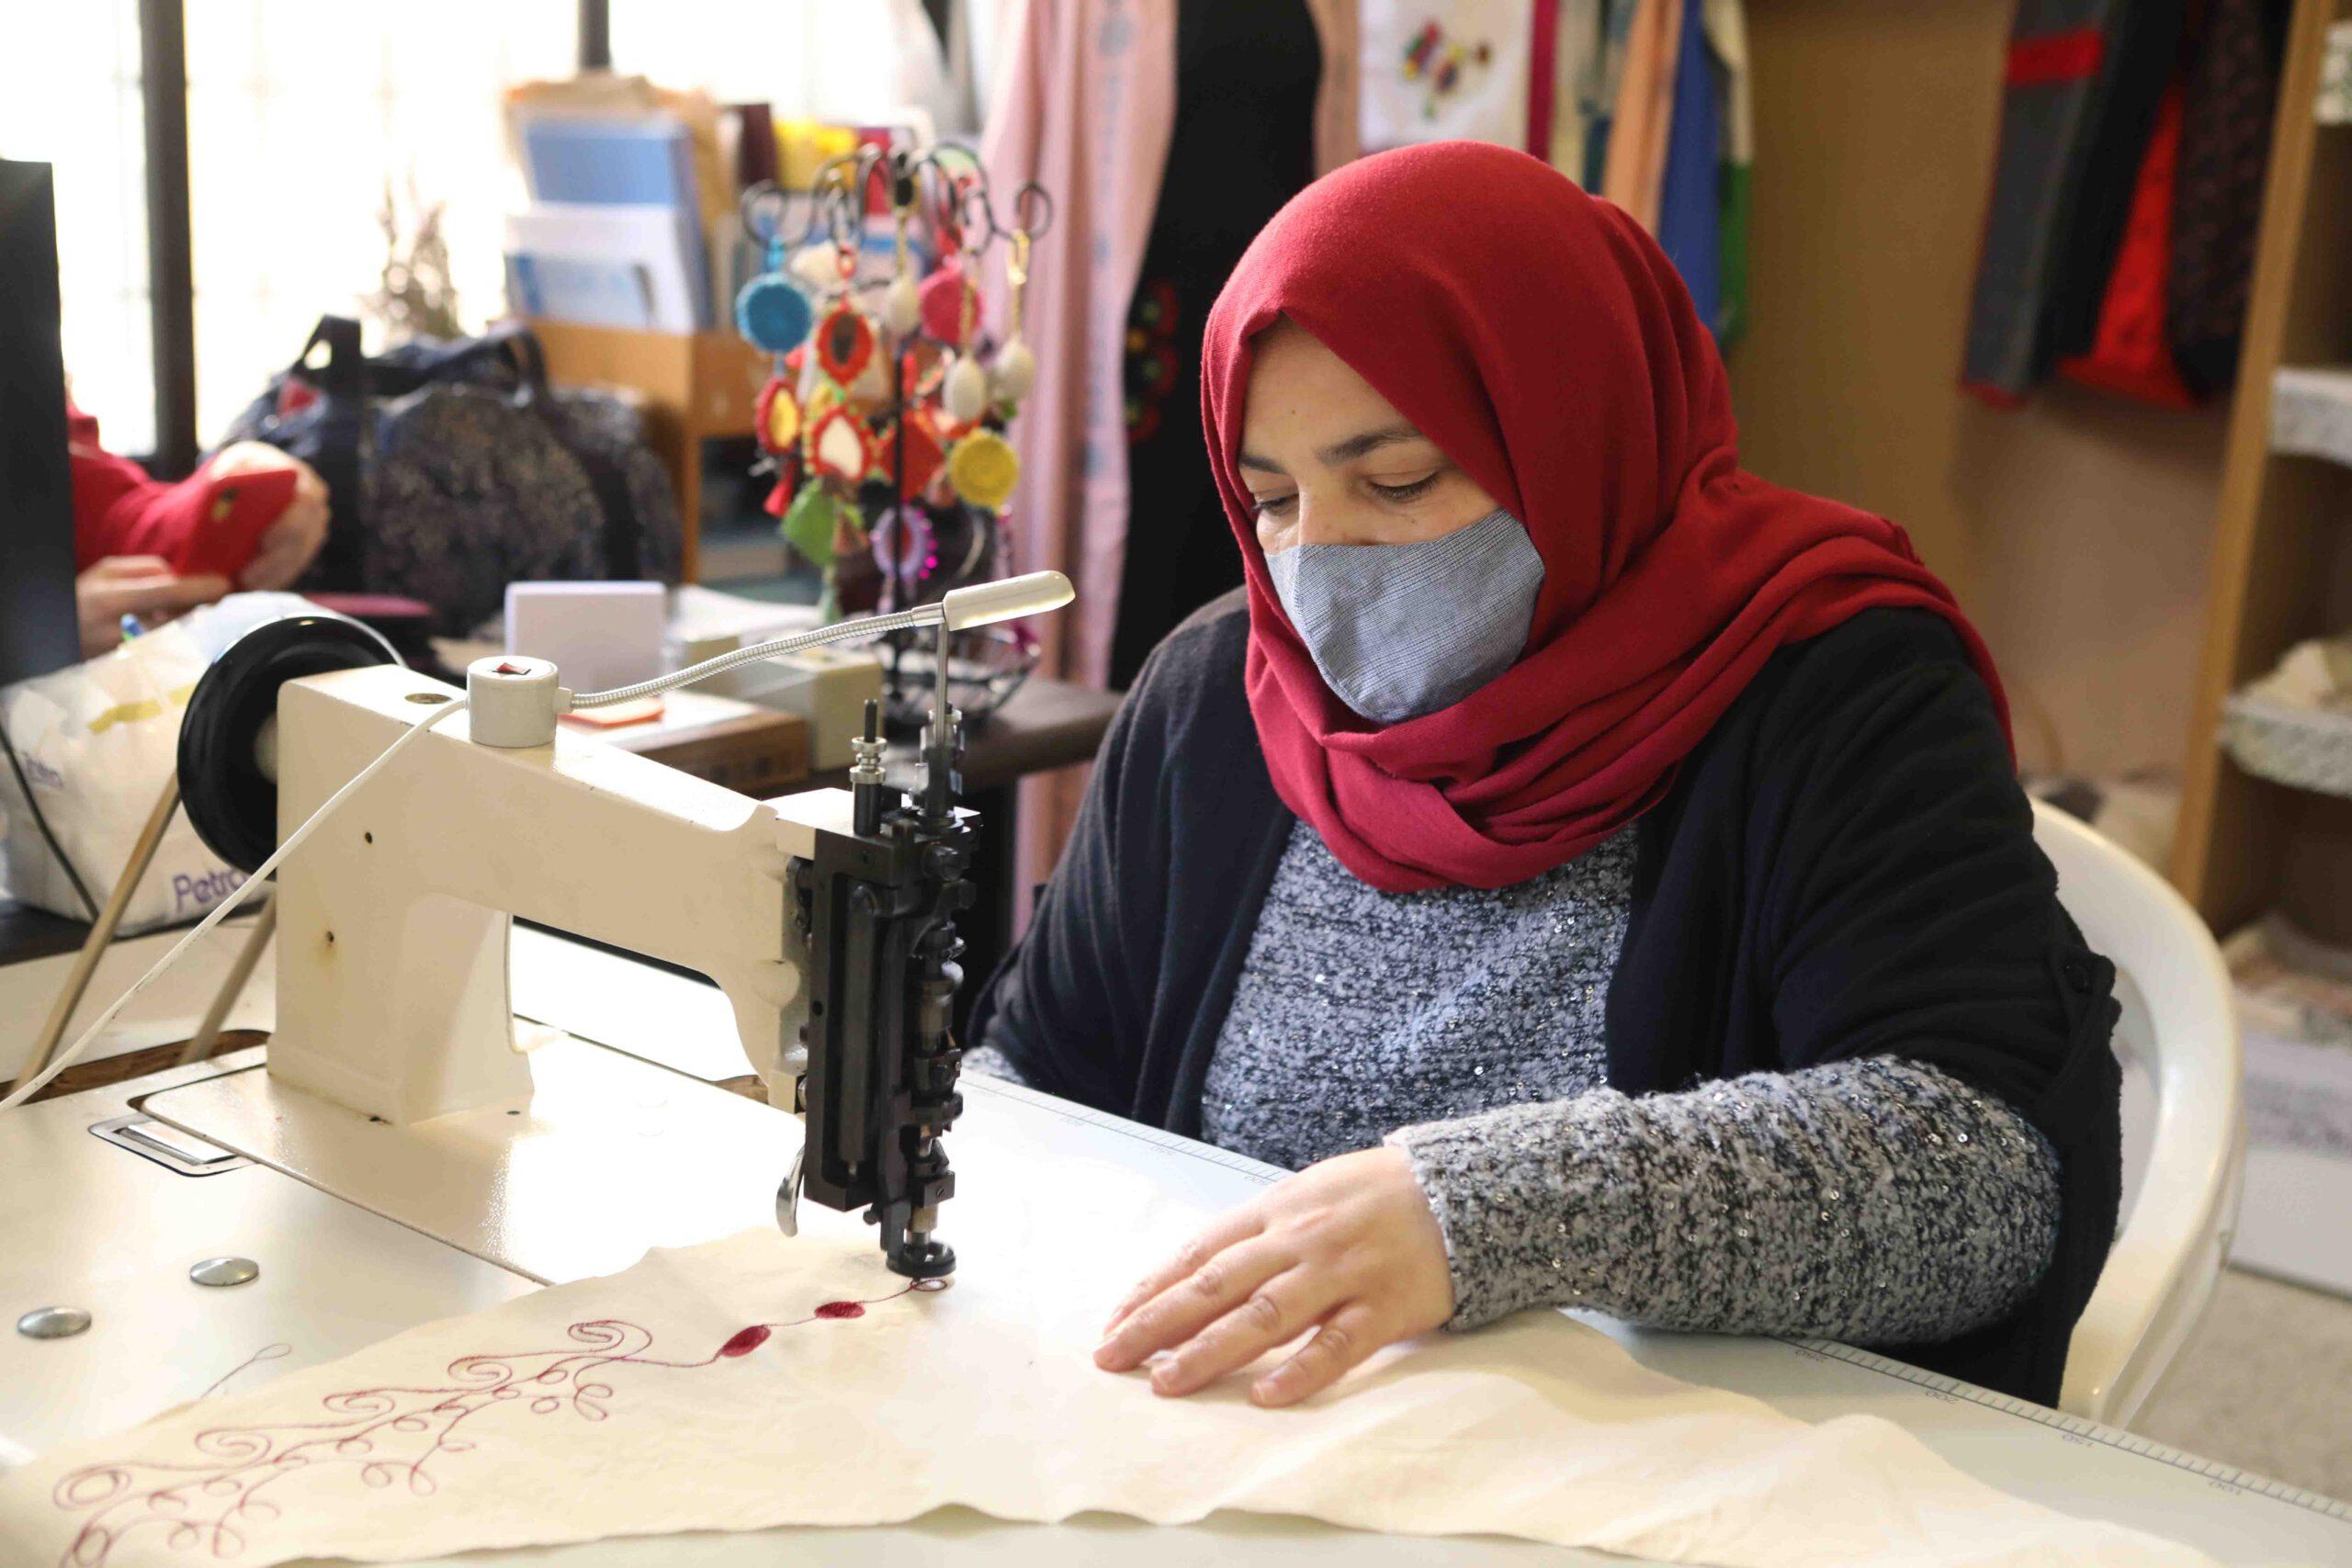 Una mujer con una mascarilla usa una máquina de coser